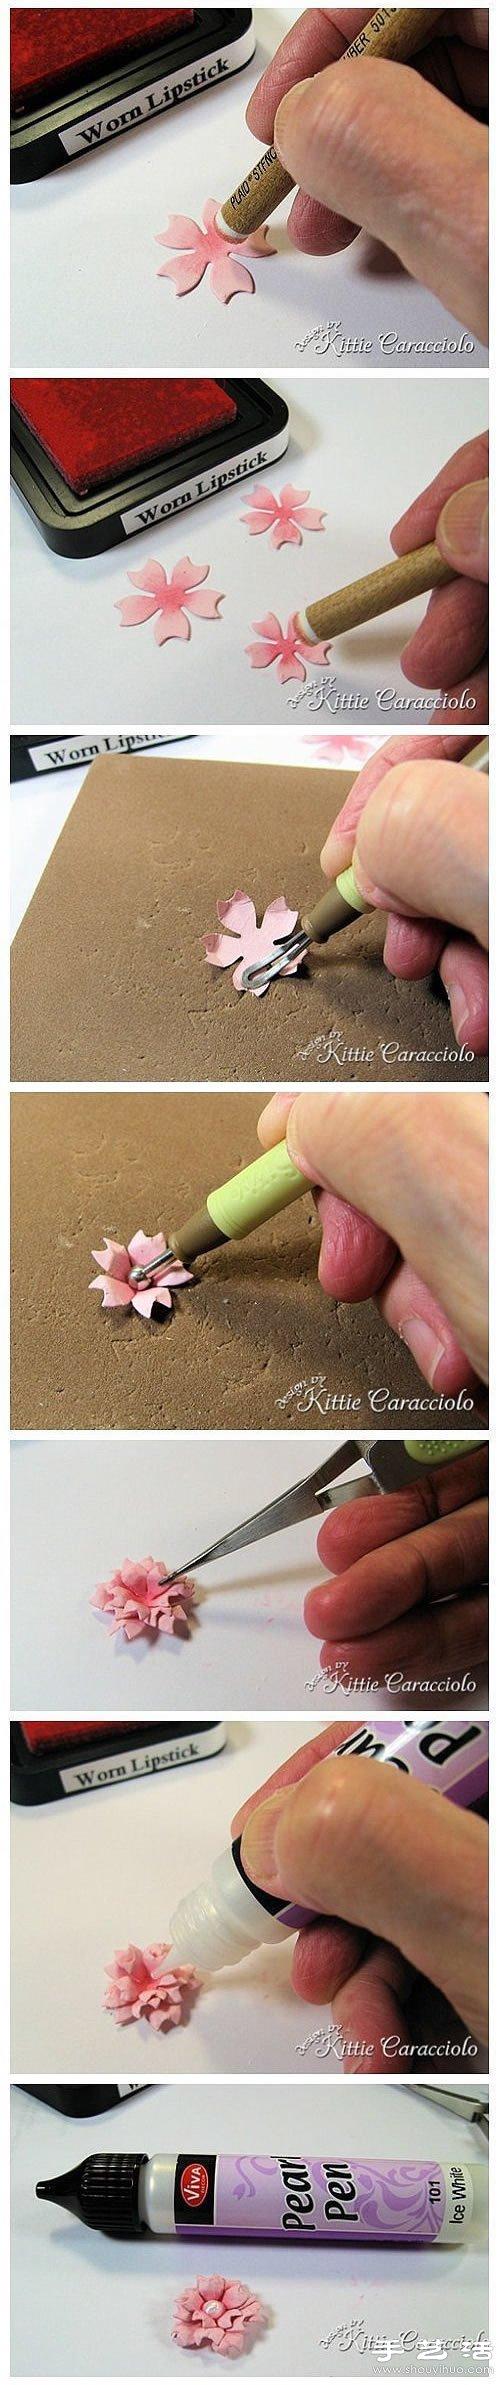 硬纸片手工制作立体花朵装饰画图解教程 -www.shouyihuo.com